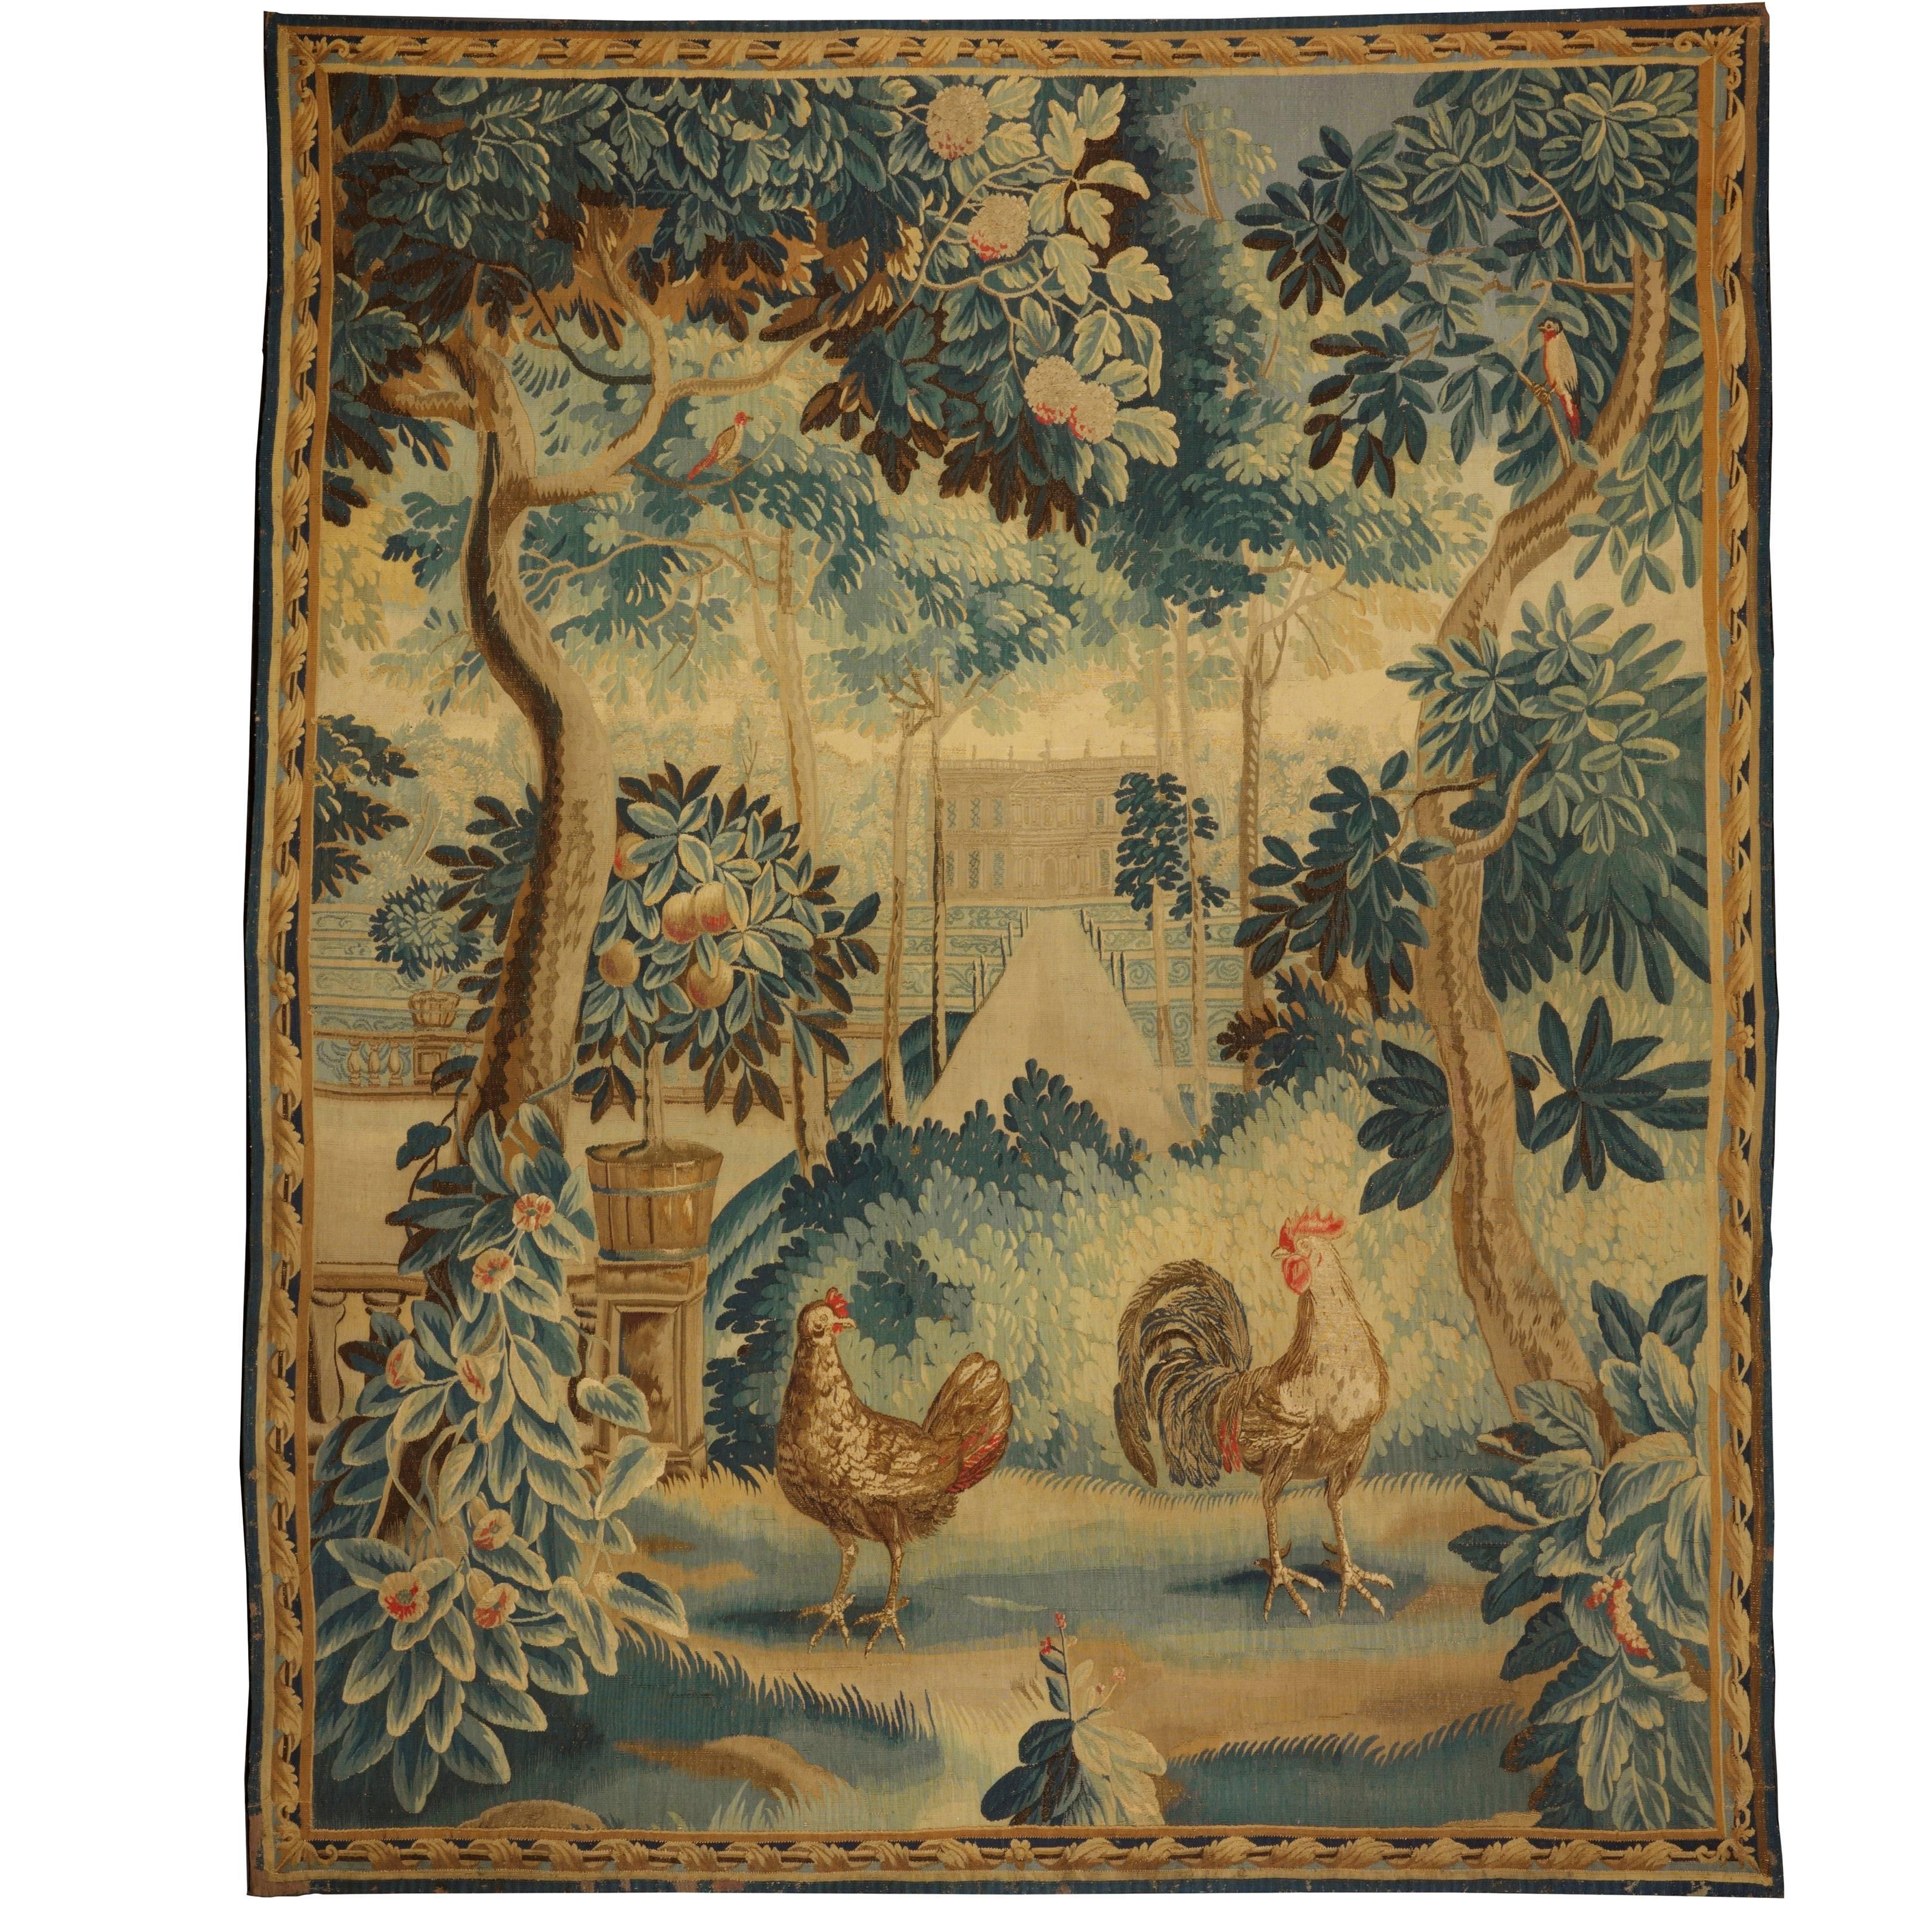 Superior Antique Flemish Garden Landscape Tapestry For Sale At 1stdibs